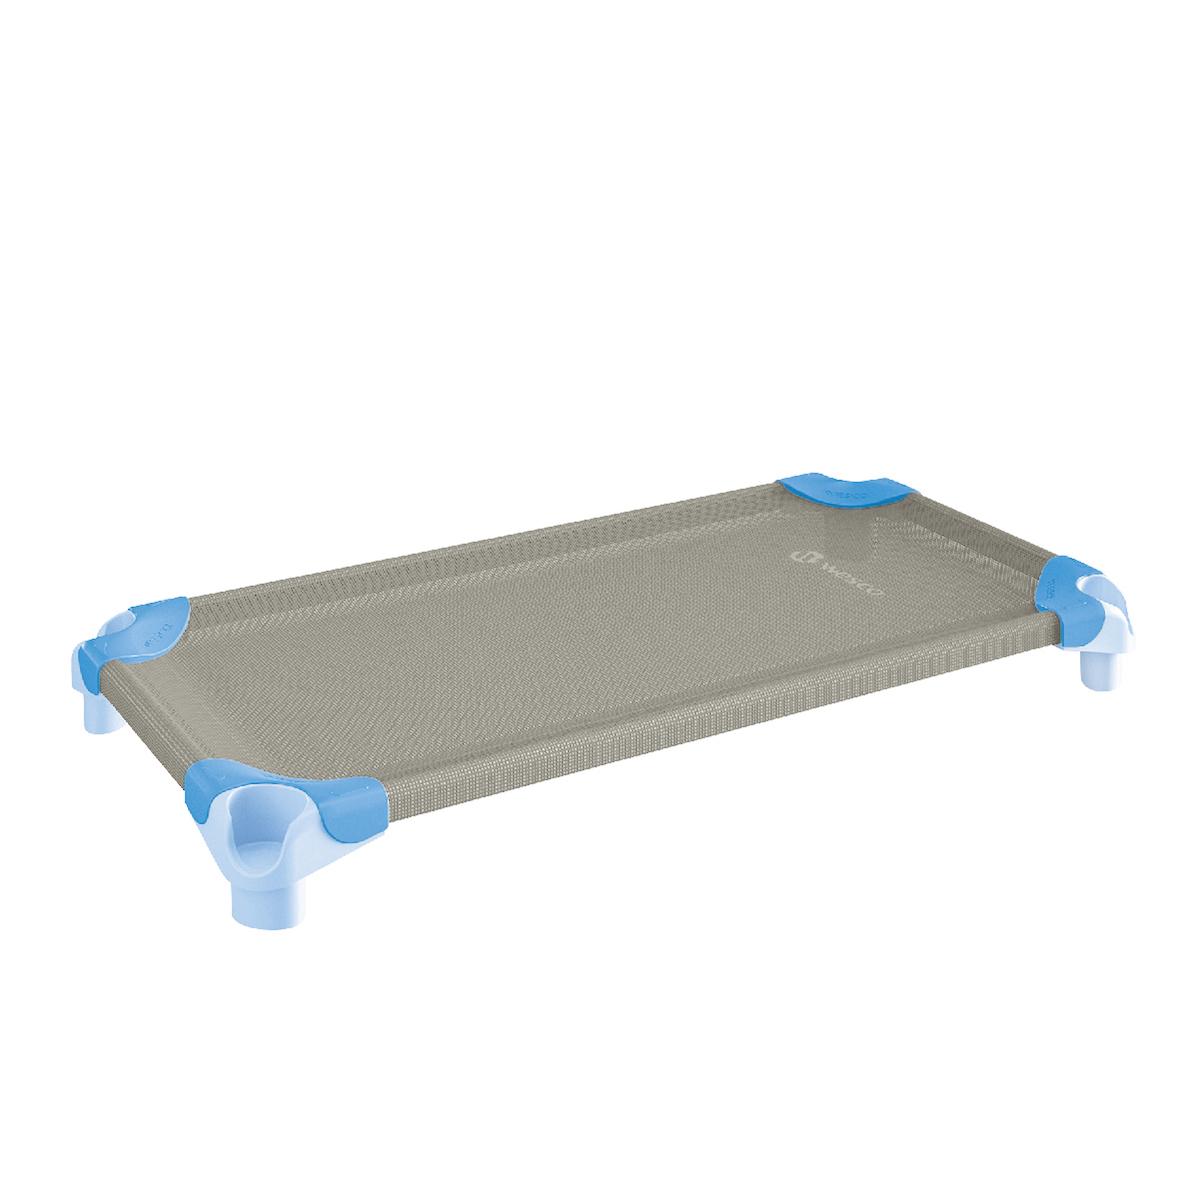 スタッキング・ベッド  ラージサイズ(150×60cm) ライトブルー